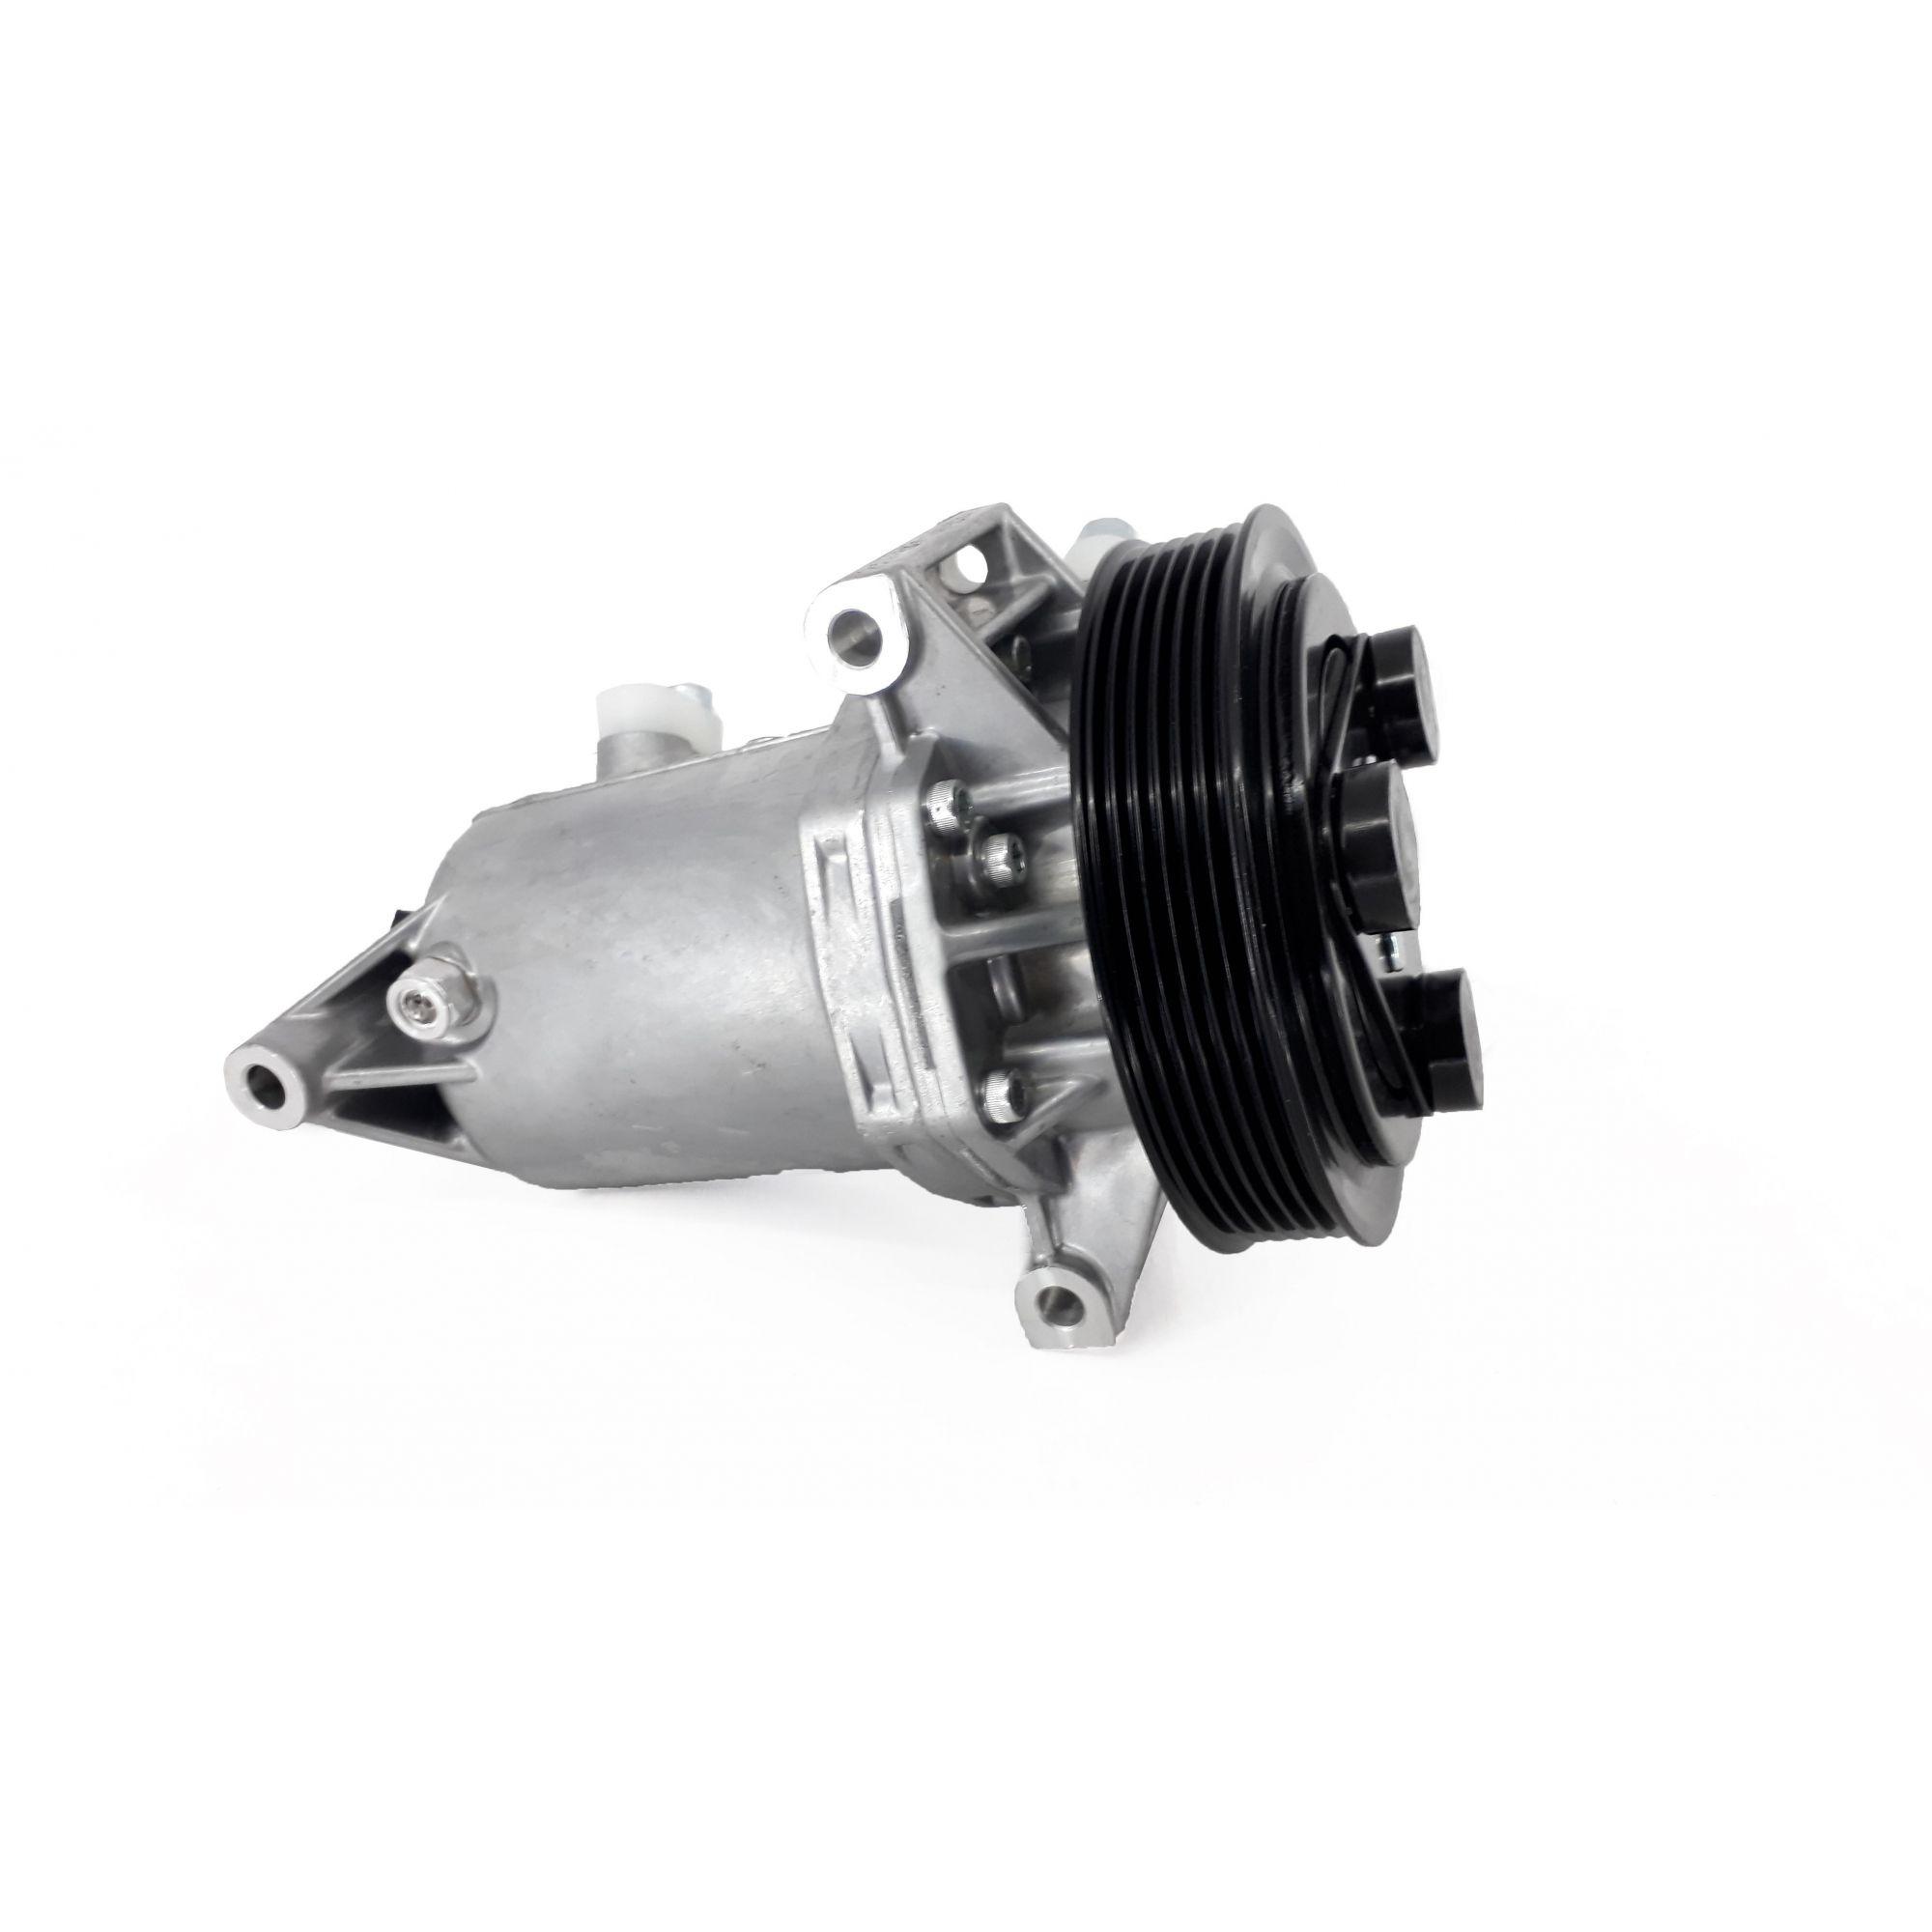 Compressor S10 2013 2014 2015 2016 calsonic